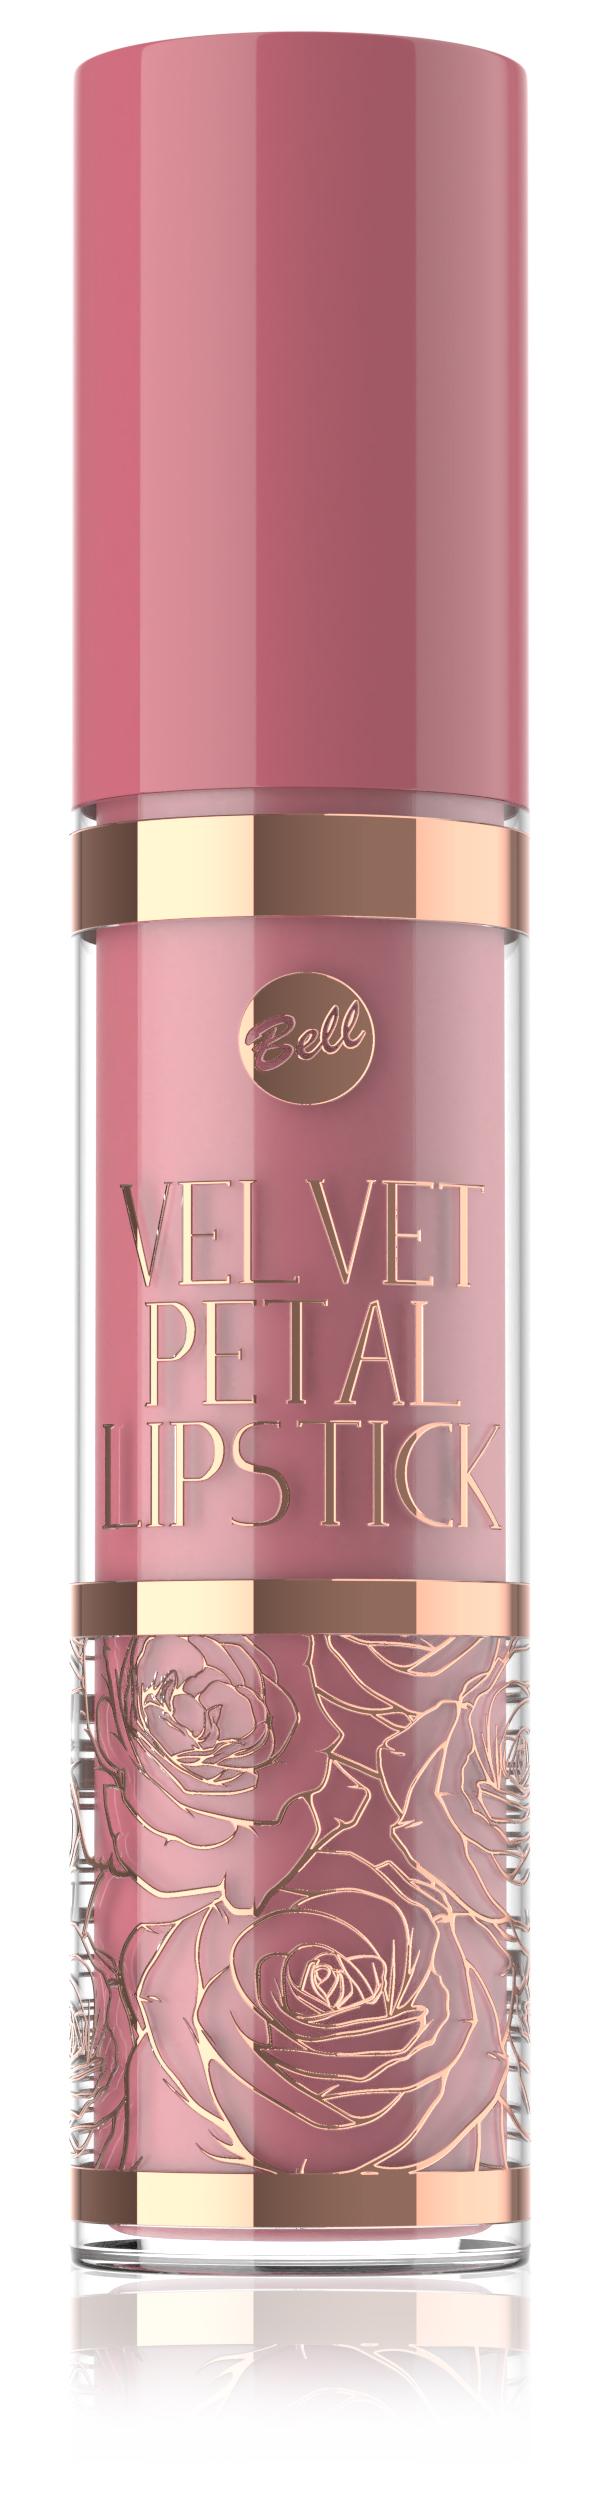 Velvet Petal Lipstick